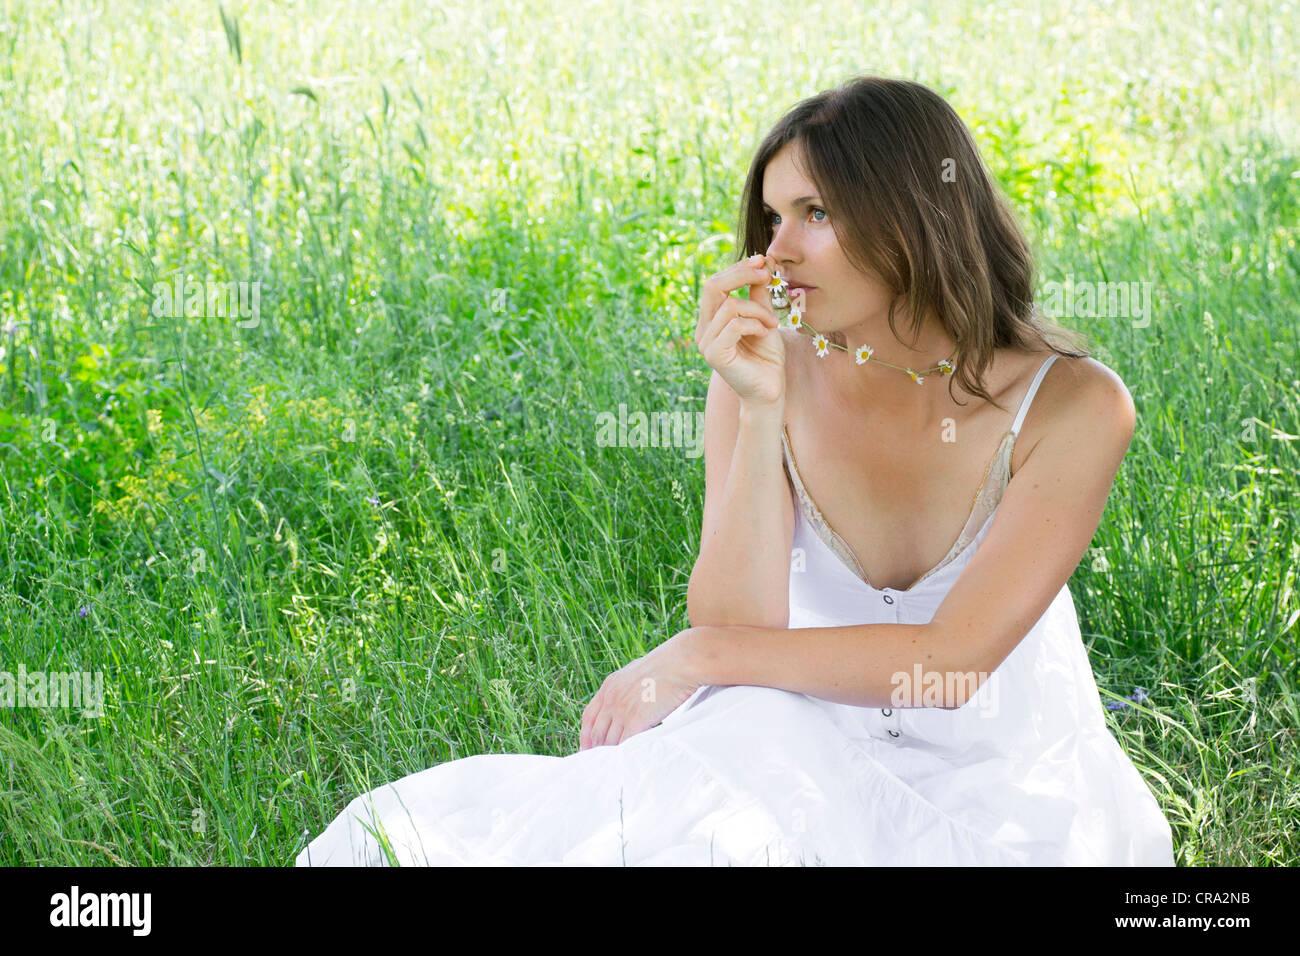 Schöne junge Frau hält einen Daisy-Chain, sitzen auf einer Wiese Stockbild